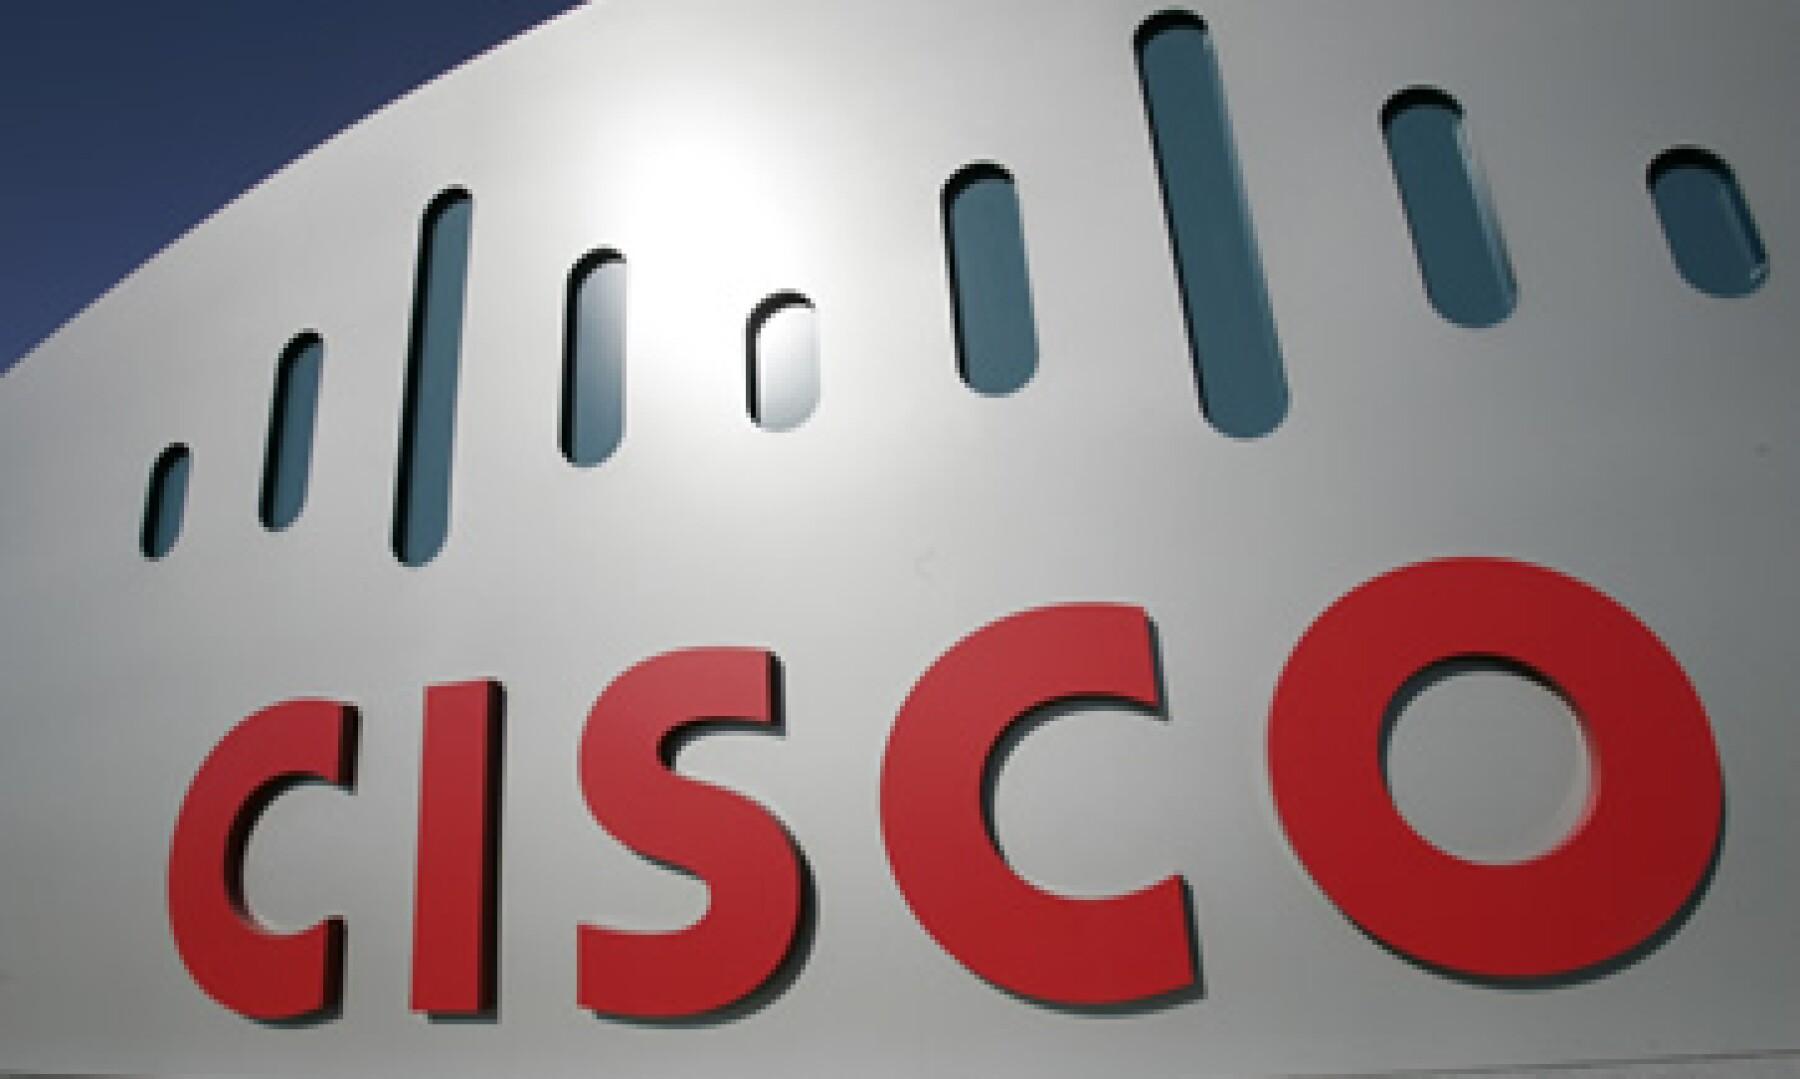 La convocatoria del Cisco Innovation Award estará abierta del 3 al 19 de julio de 2019.  (Foto: AP)